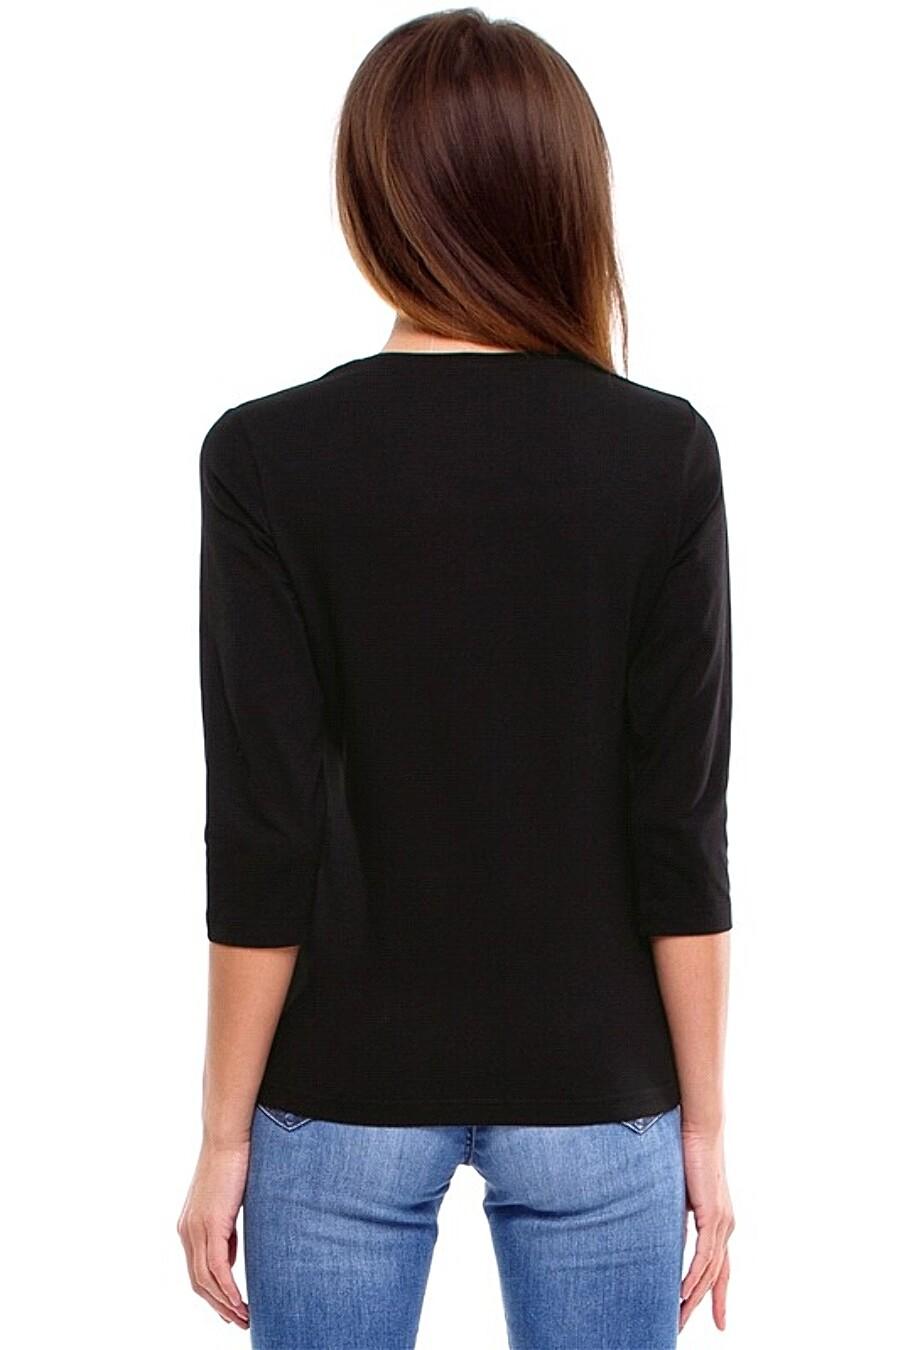 Лонгслив для женщин Archi 261104 купить оптом от производителя. Совместная покупка женской одежды в OptMoyo